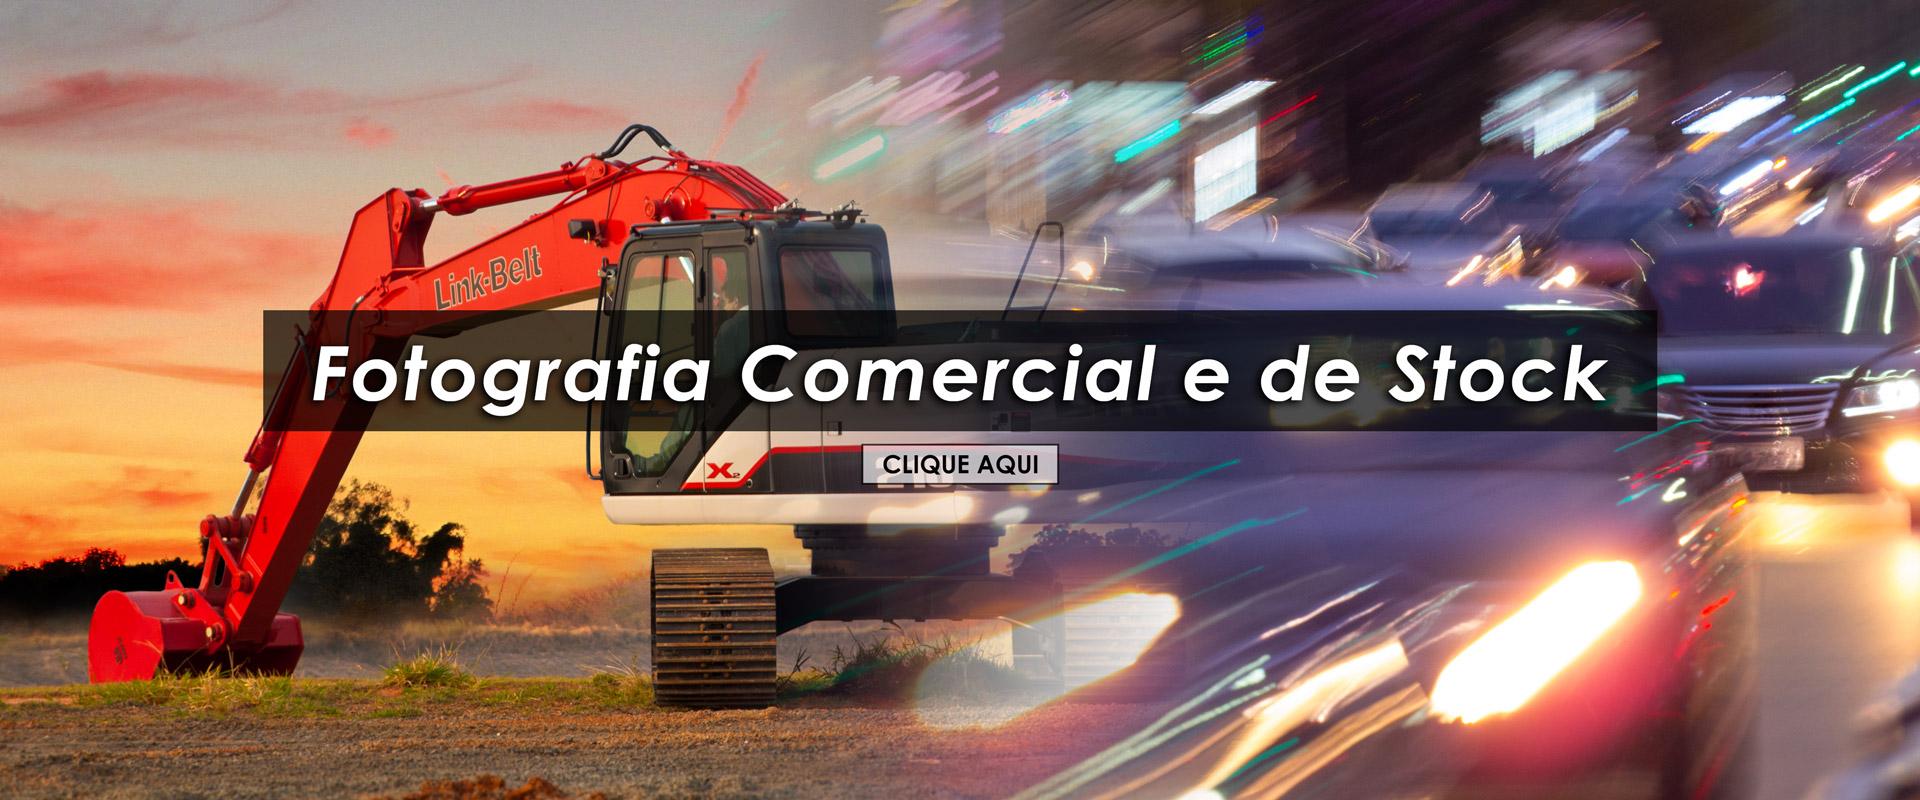 Fotografia Comercial e Stock